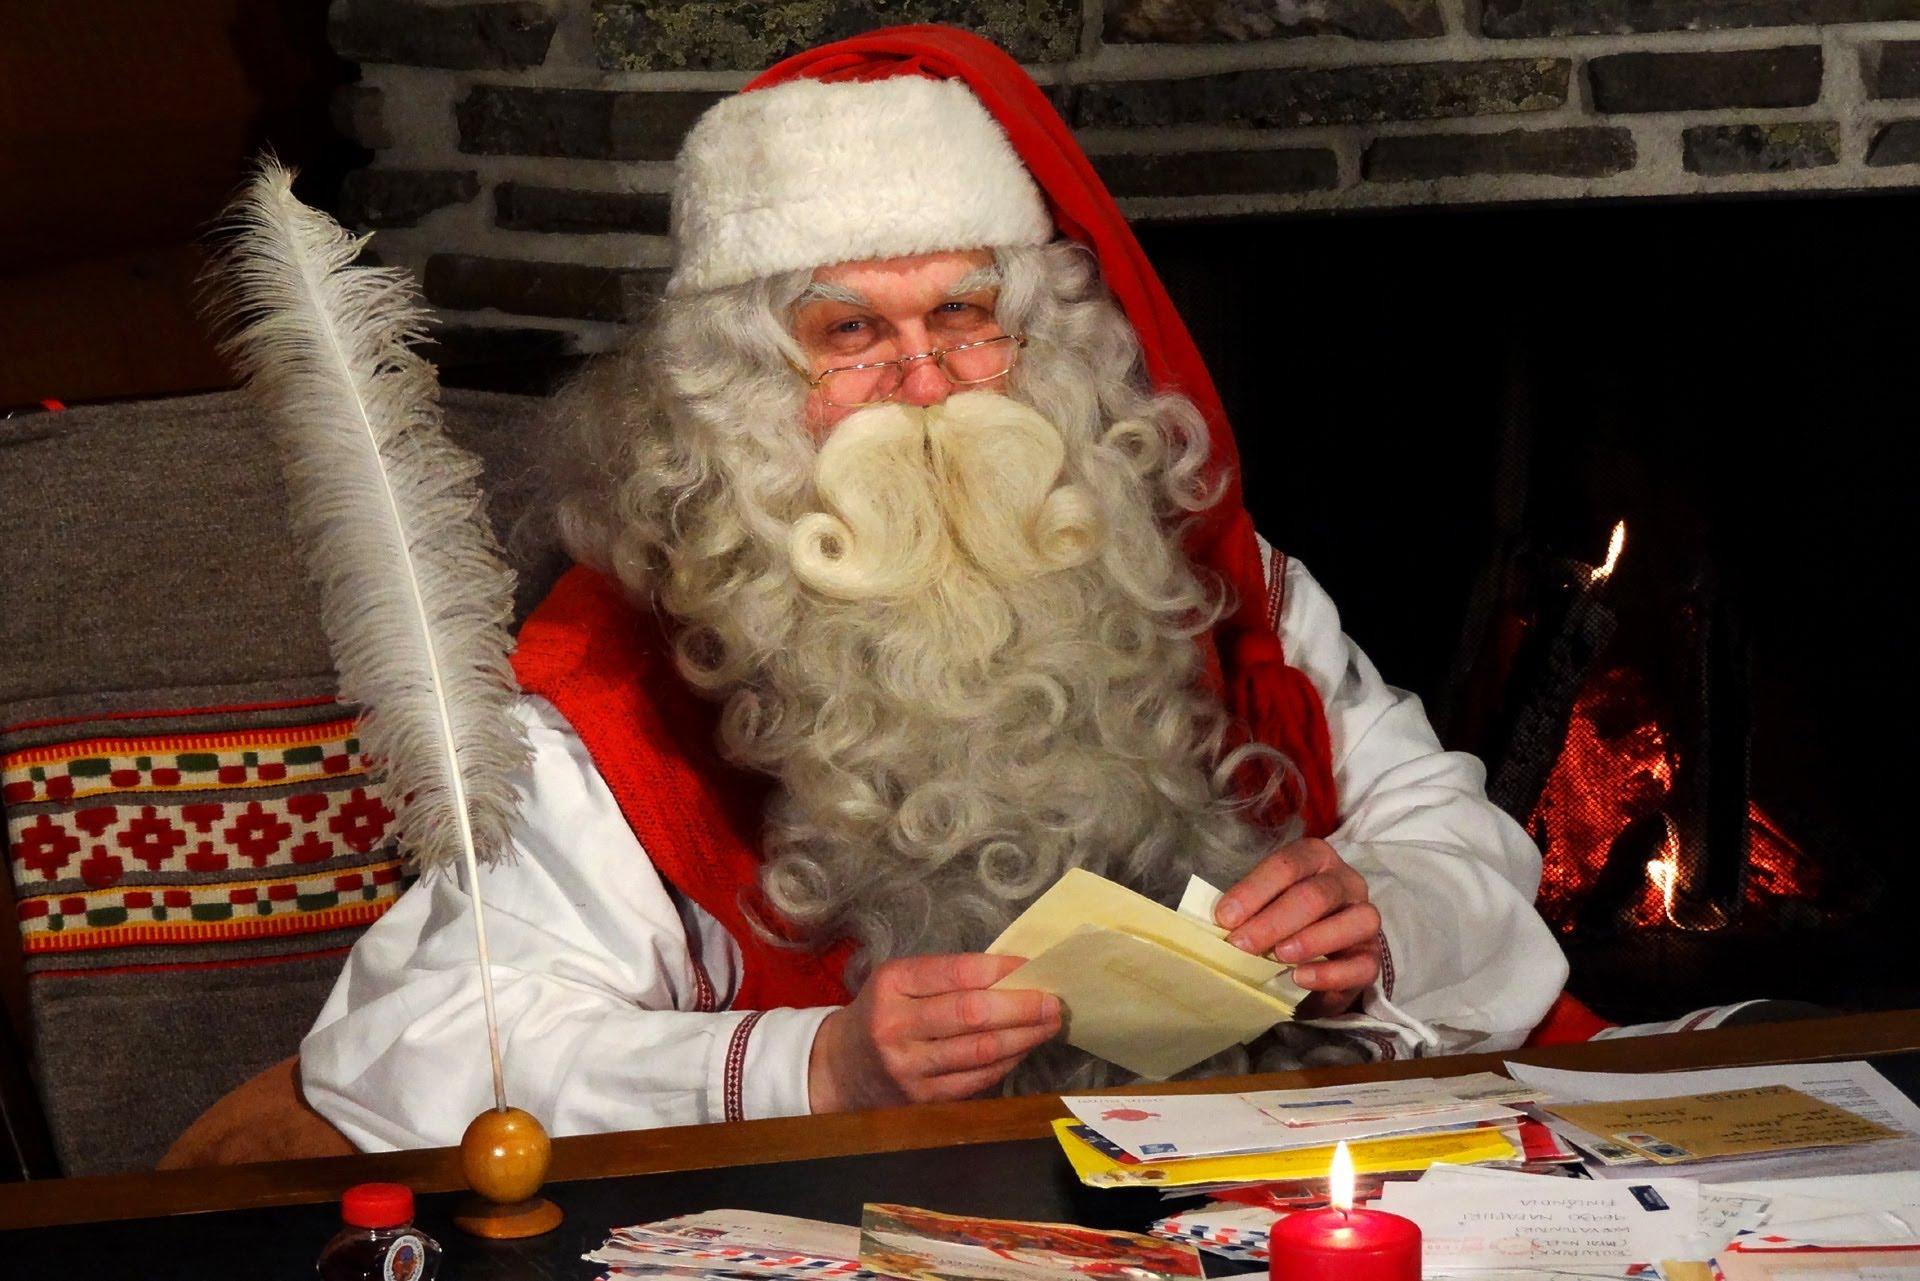 Noruega y l'Alfàs del Pi encenderán la Navidad de manera simultánea y con Papá Noel